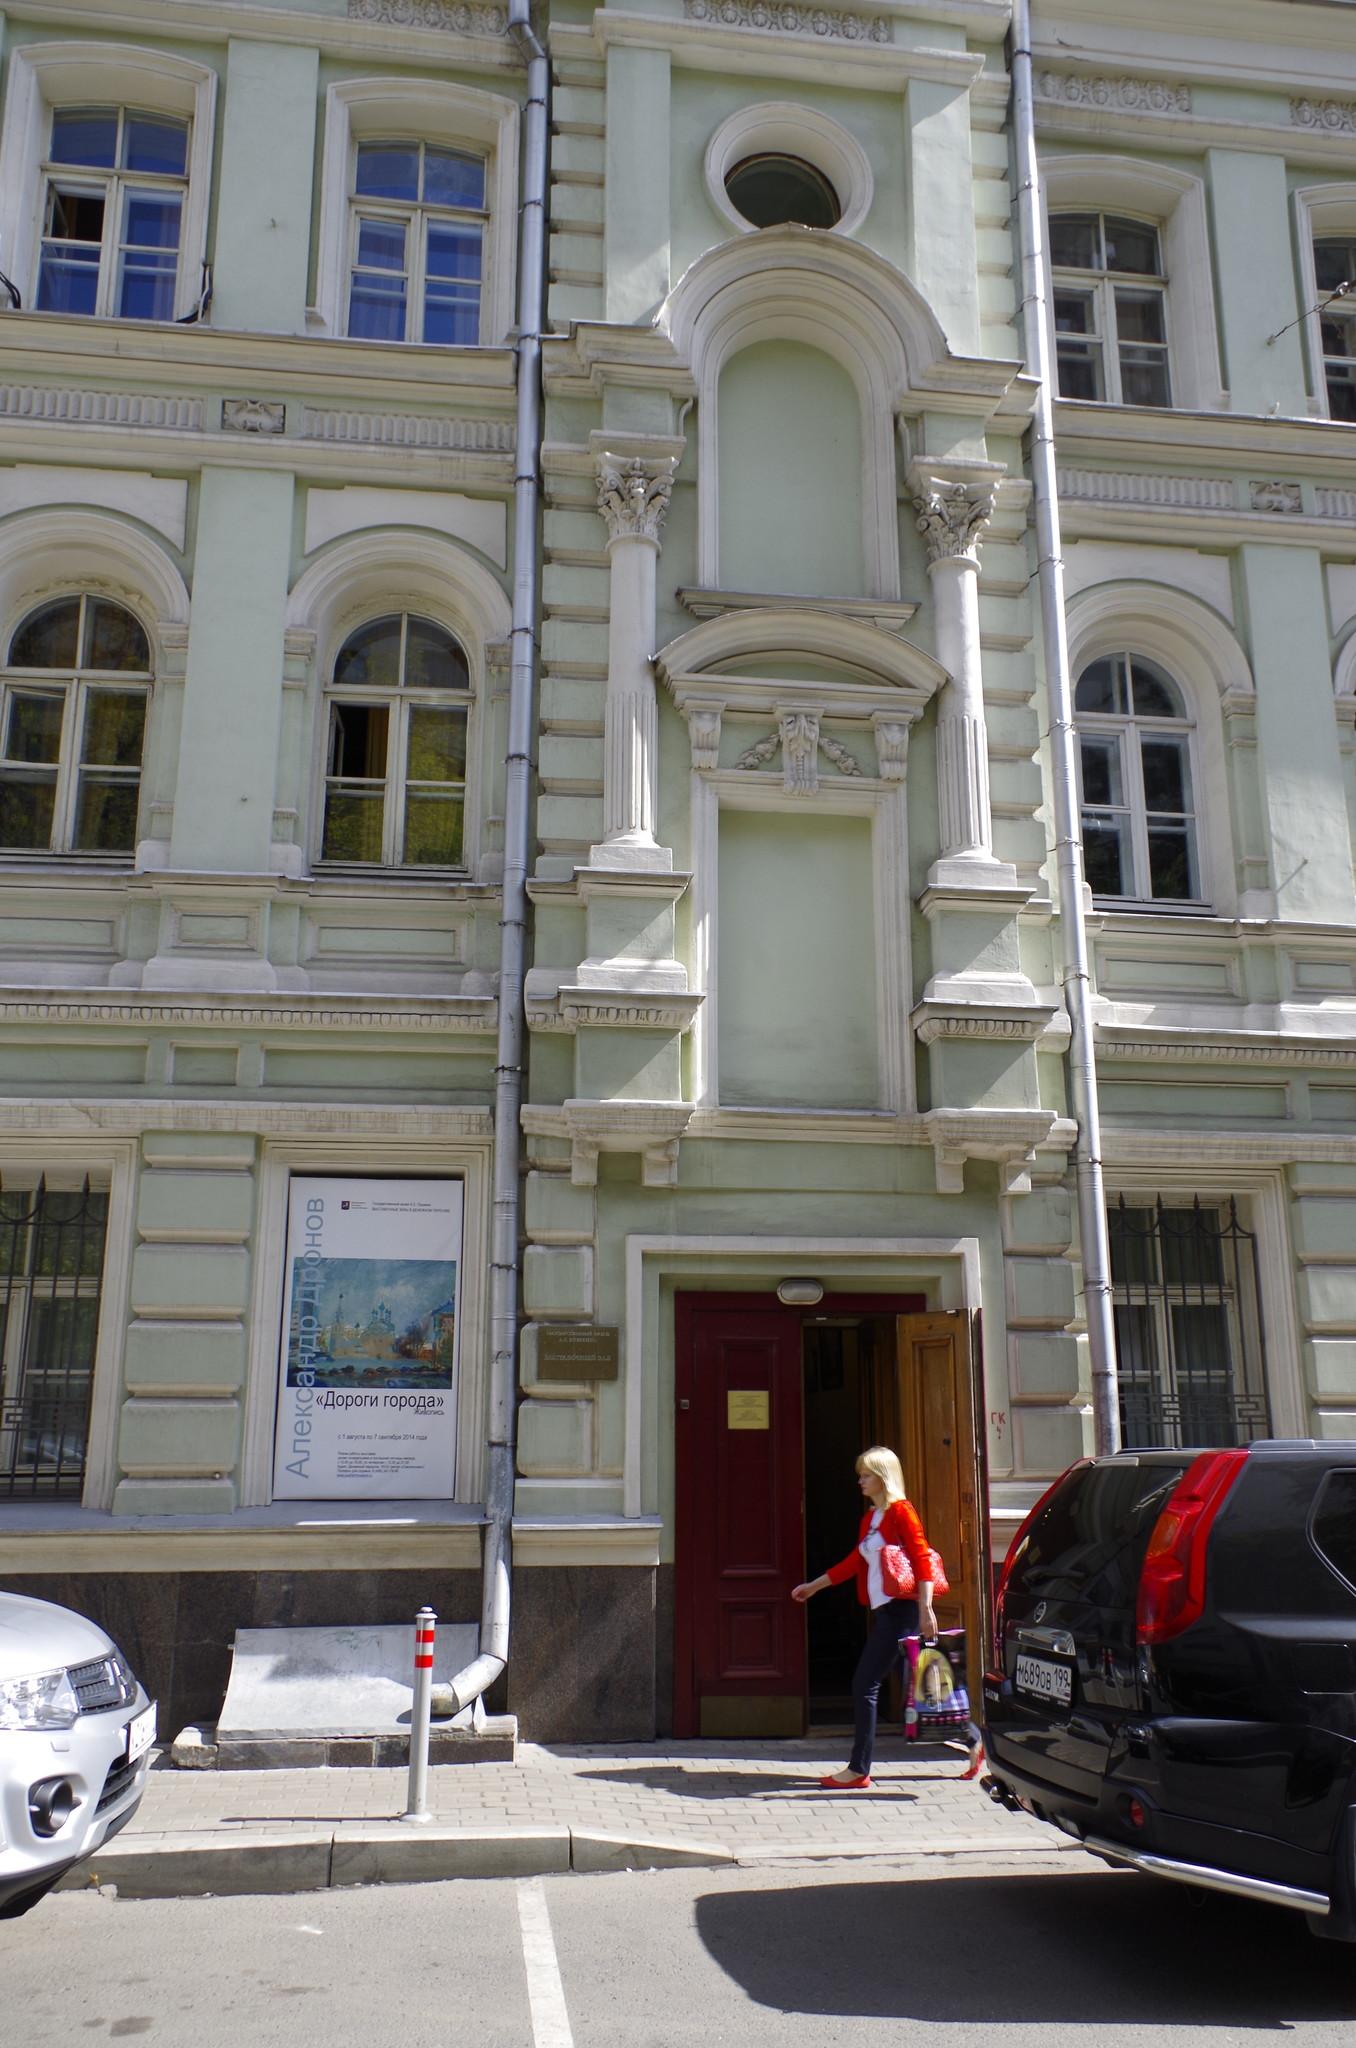 Выставочные залы Государственного музея А.С. Пушкина в Денежном переулке